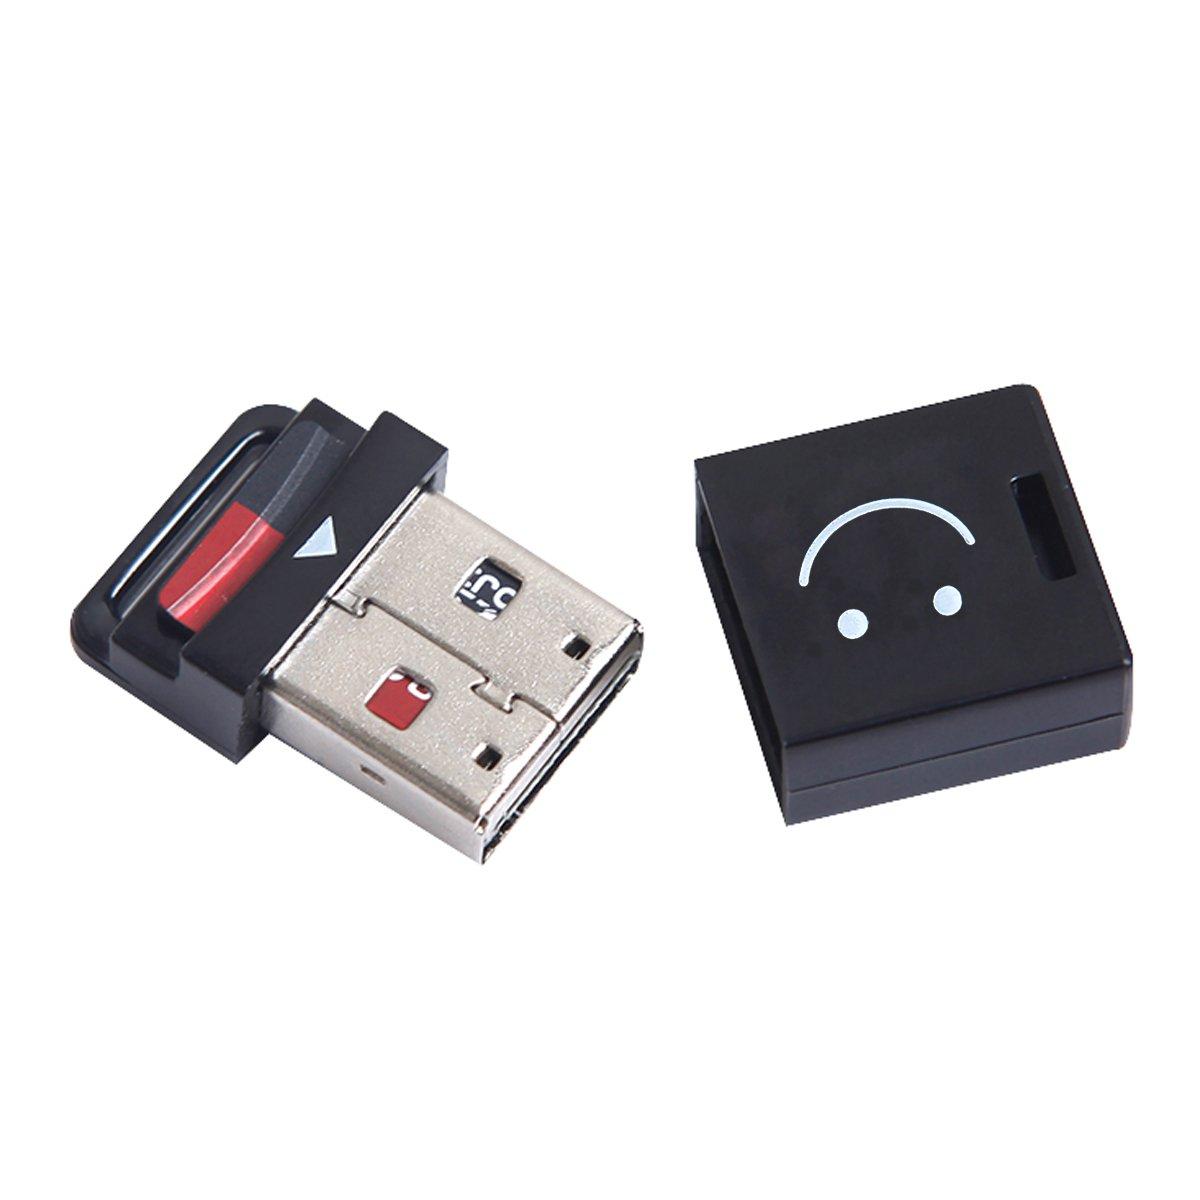 Chenyang USB 2.0 a micro SD T-Flash TF m2 cellulari e tablet lettore di schede di memoria nero formato mini CY LYSB00S6G7VFW-CMPTRACCS